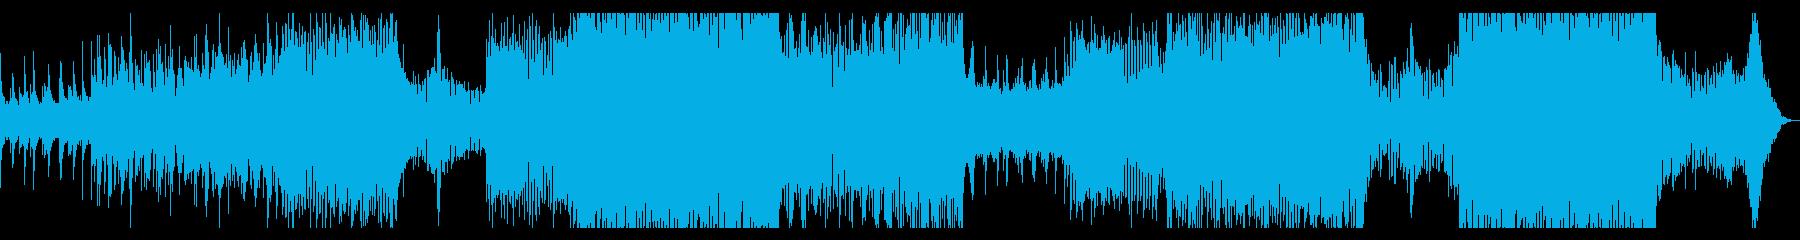 厚いシンセサイザーとピアノのトランスの再生済みの波形